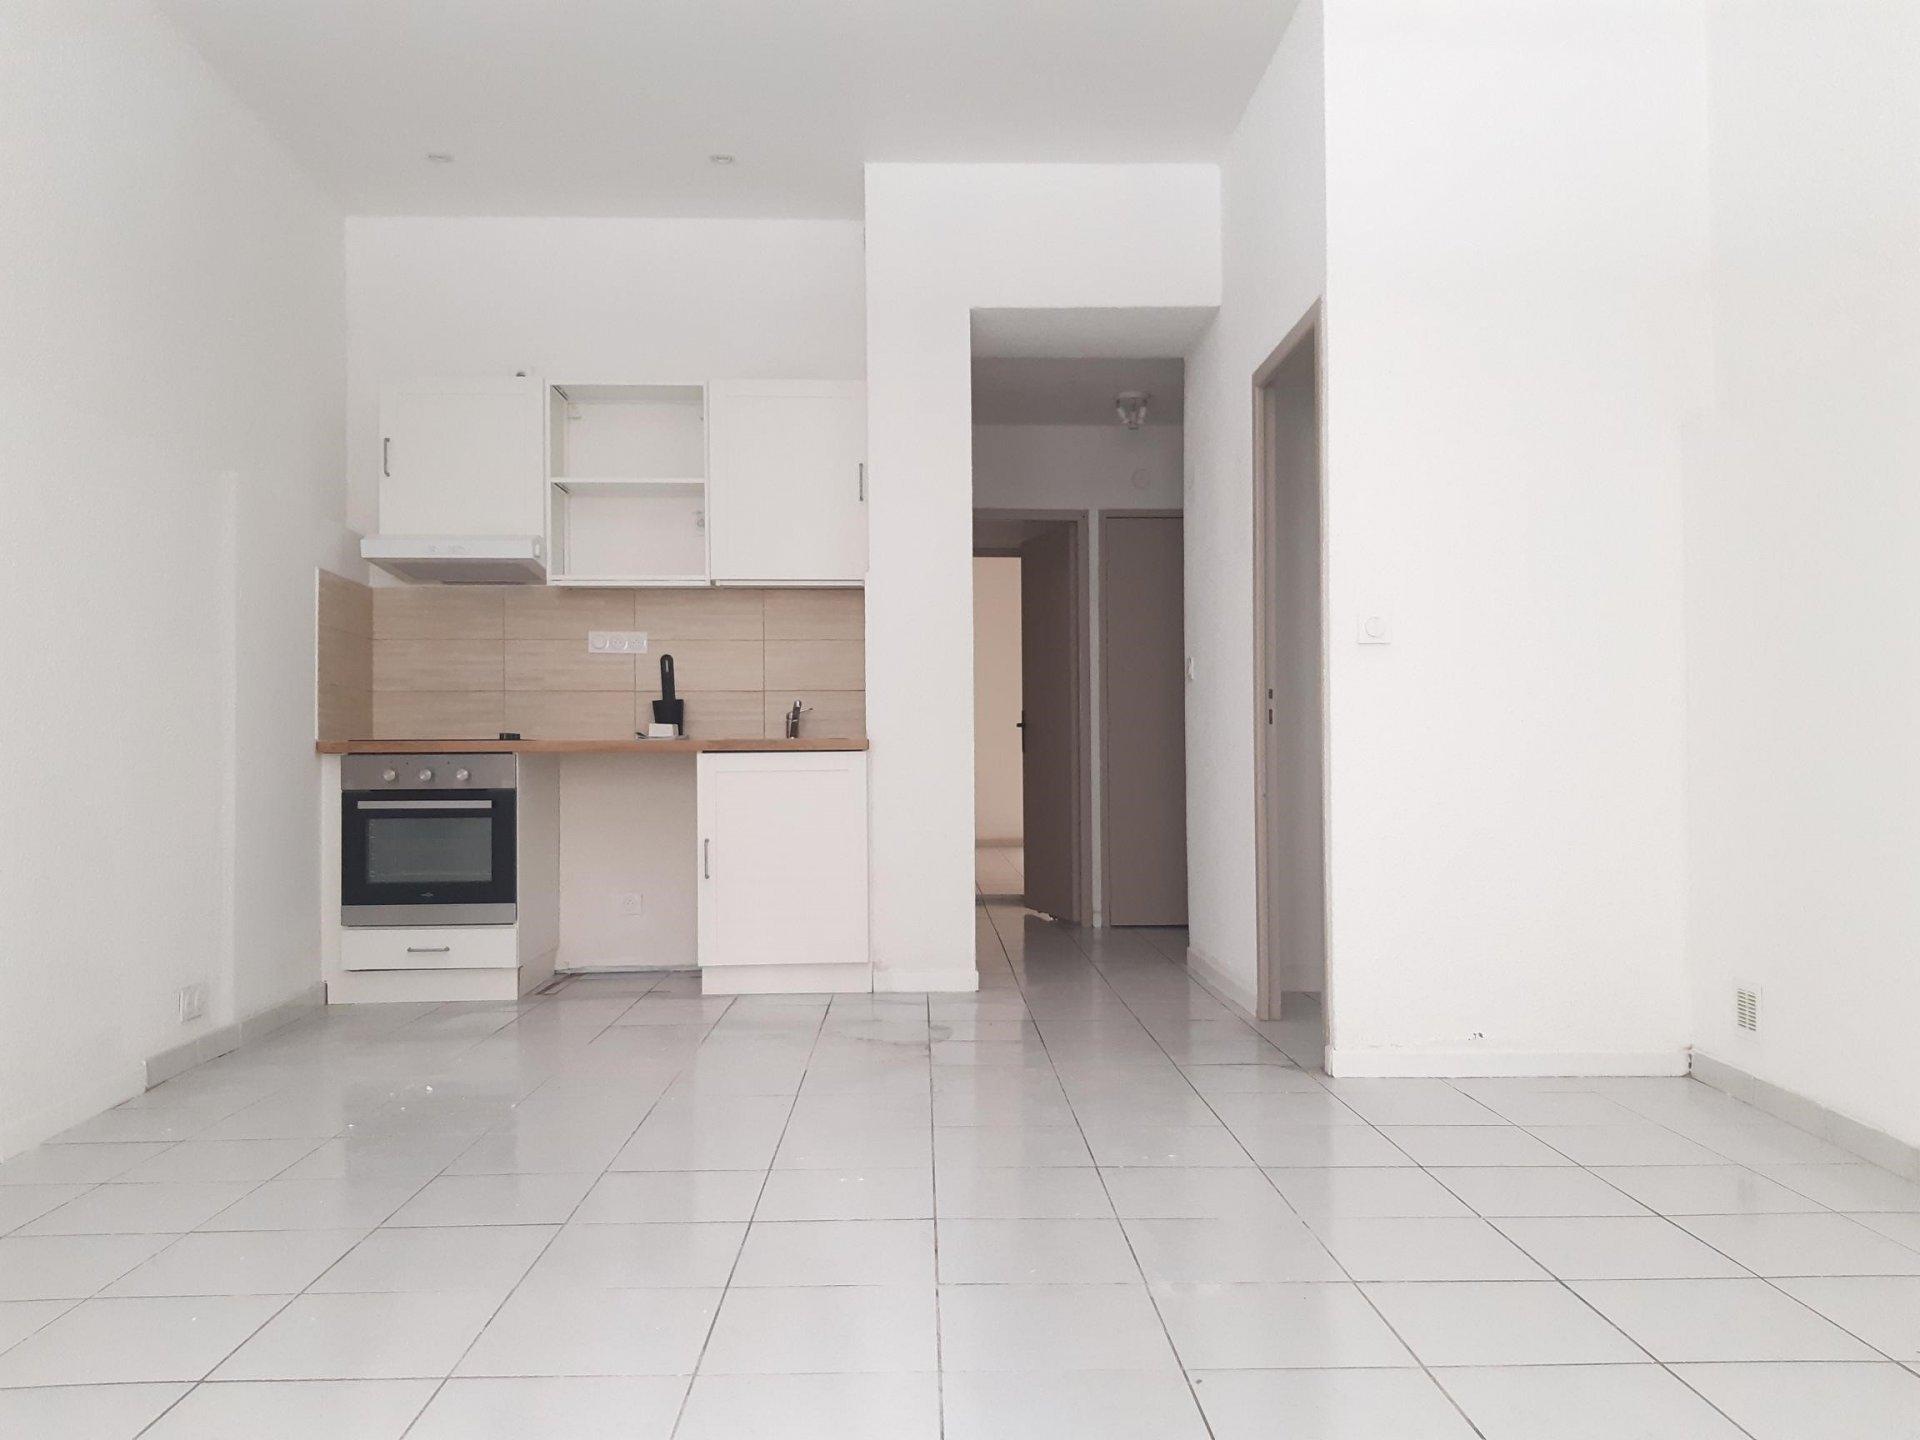 Location Appartement BEAUCAIRE surface habitable de 62 m²